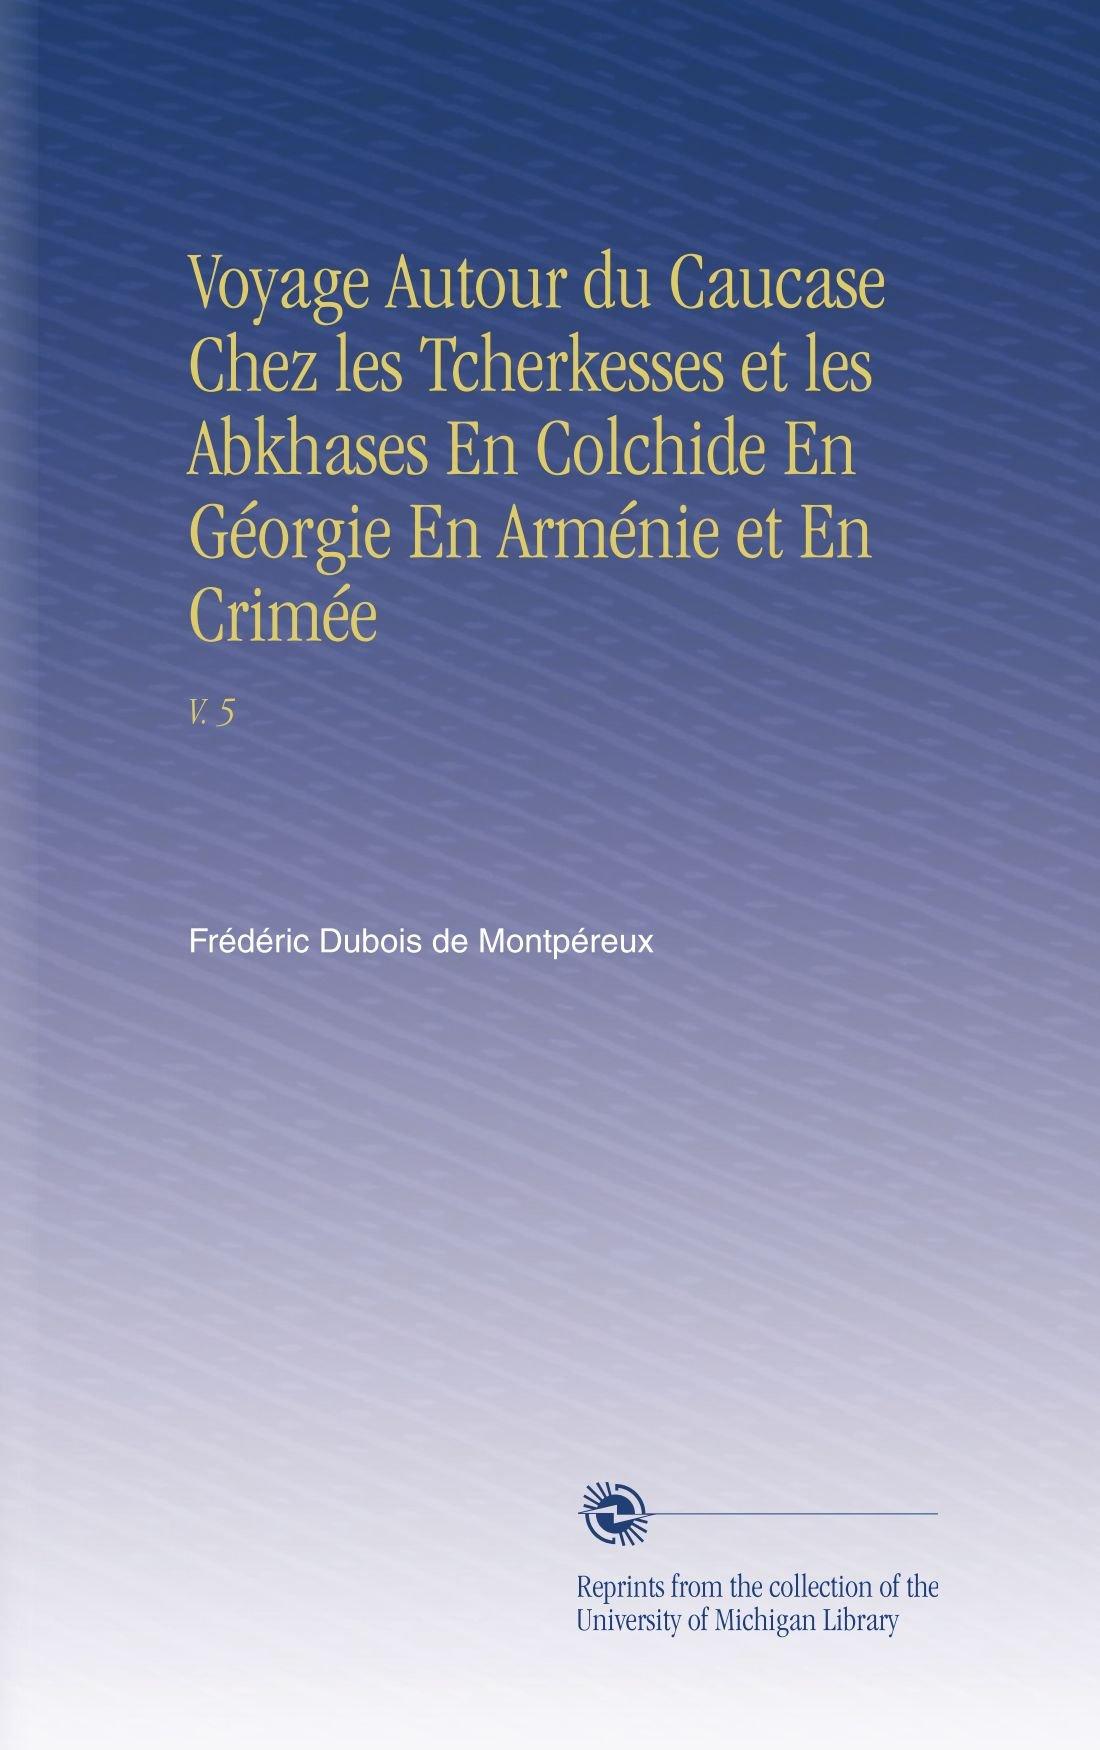 Voyage Autour du Caucase Chez les Tcherkesses et les Abkhases En Colchide En Géorgie En Arménie et En Crimée: V. 5 (French Edition) pdf